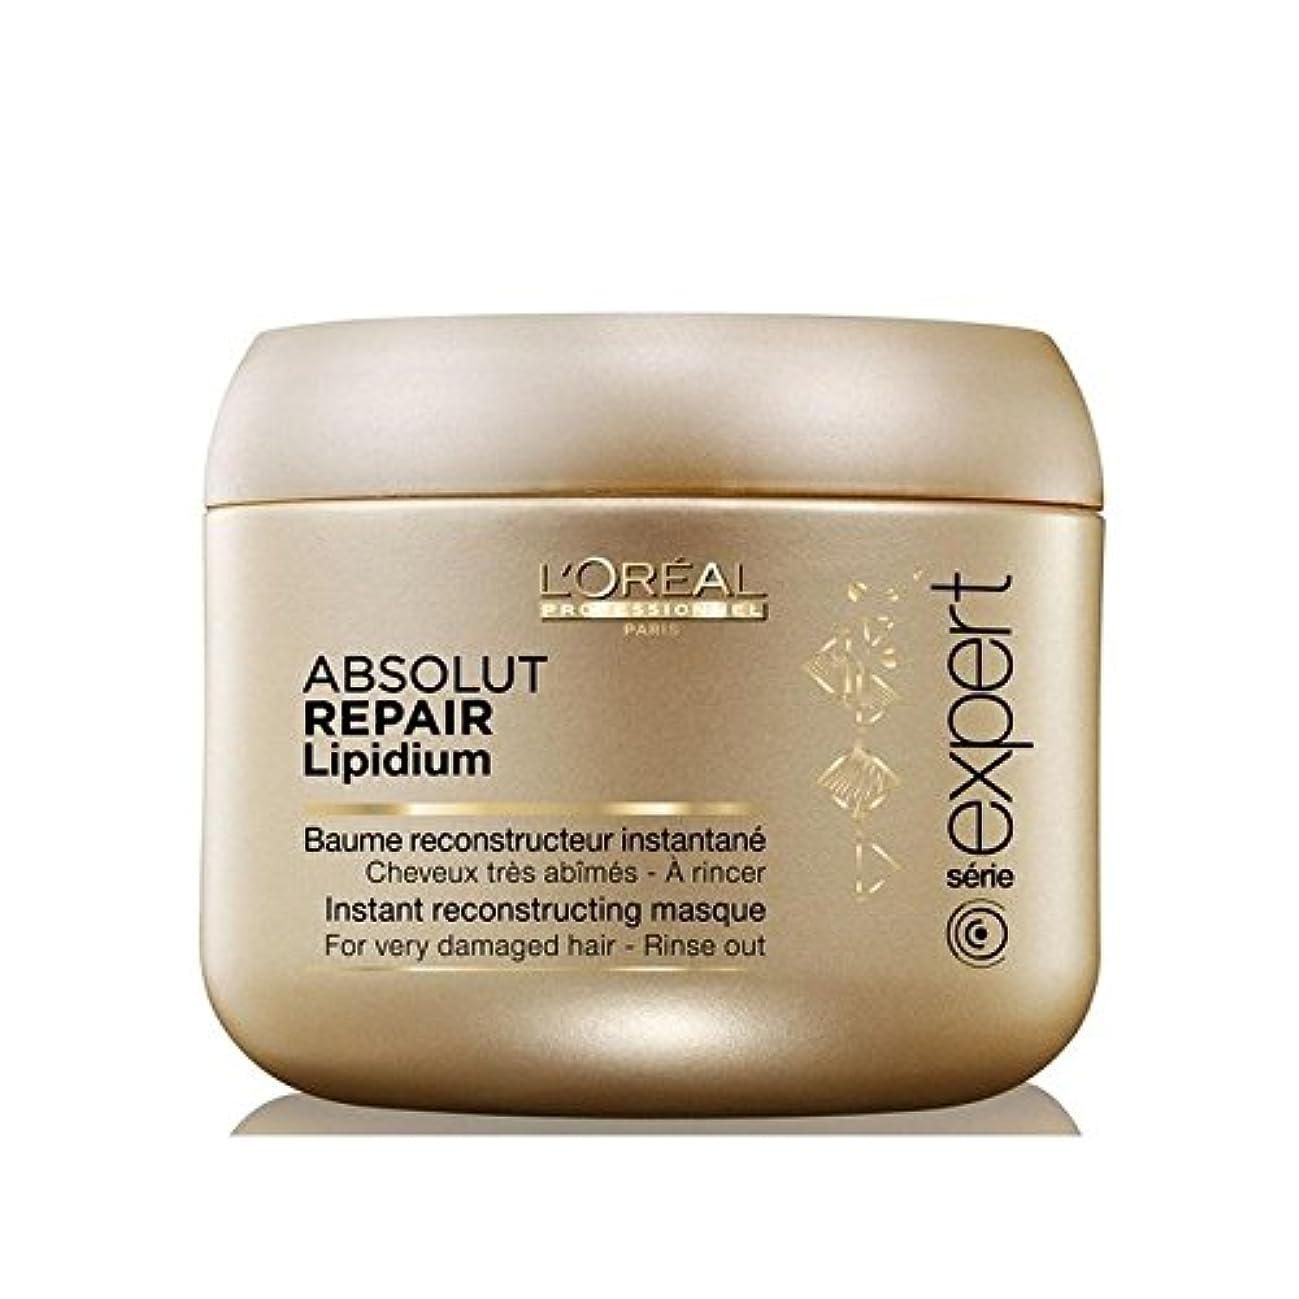 チョップ気絶させるの頭の上L'Oreal Professionnel Absolut Repair Lipidium Masque (200ml) - ロレアルプロフェッショナルのアブソルートリペアの仮面(200ミリリットル) [並行輸入品]